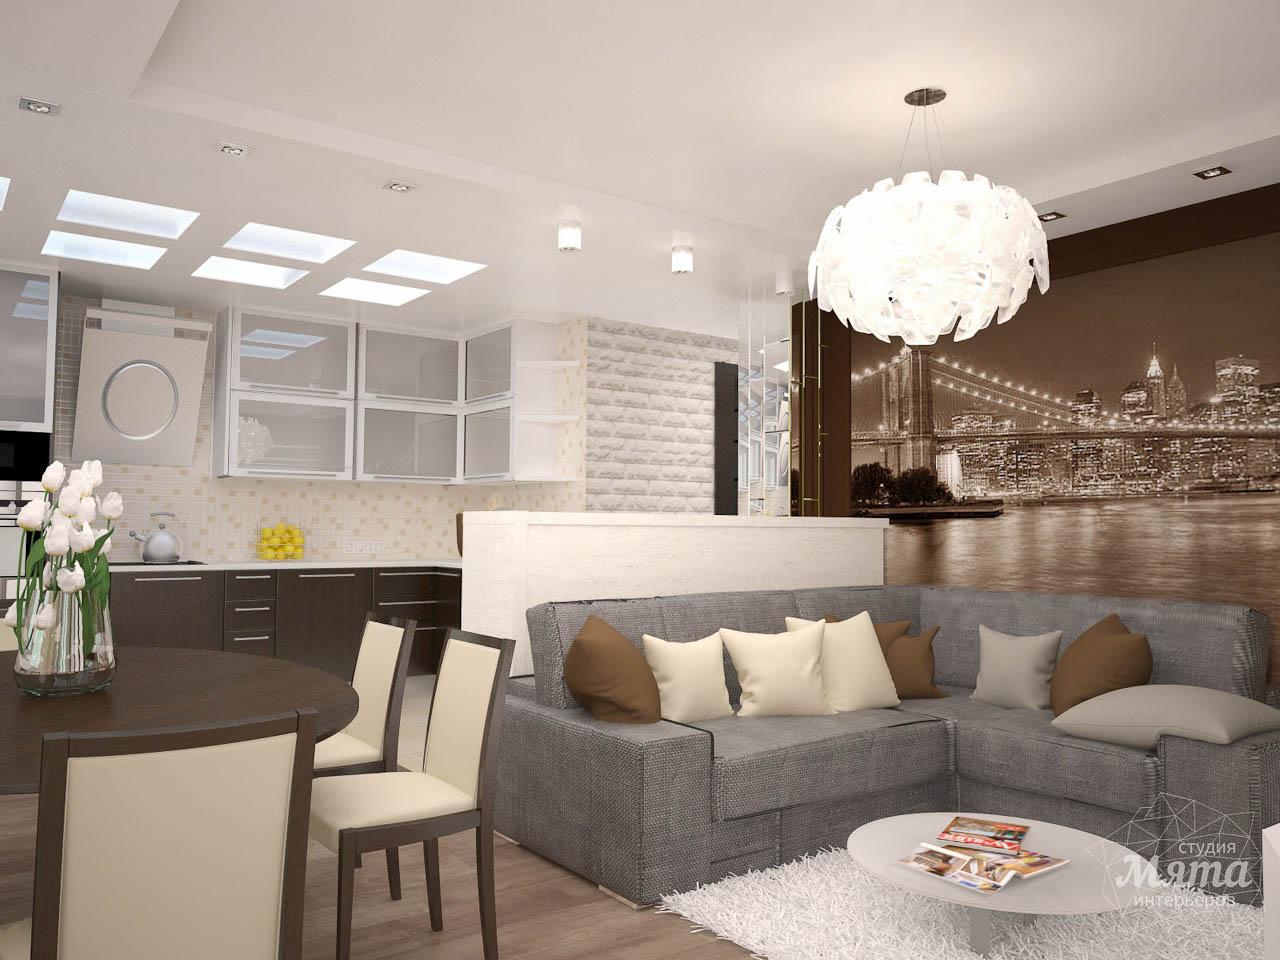 Дизайн интерьера трехкомнатной квартиры по ул. Белинского 222 img353806794